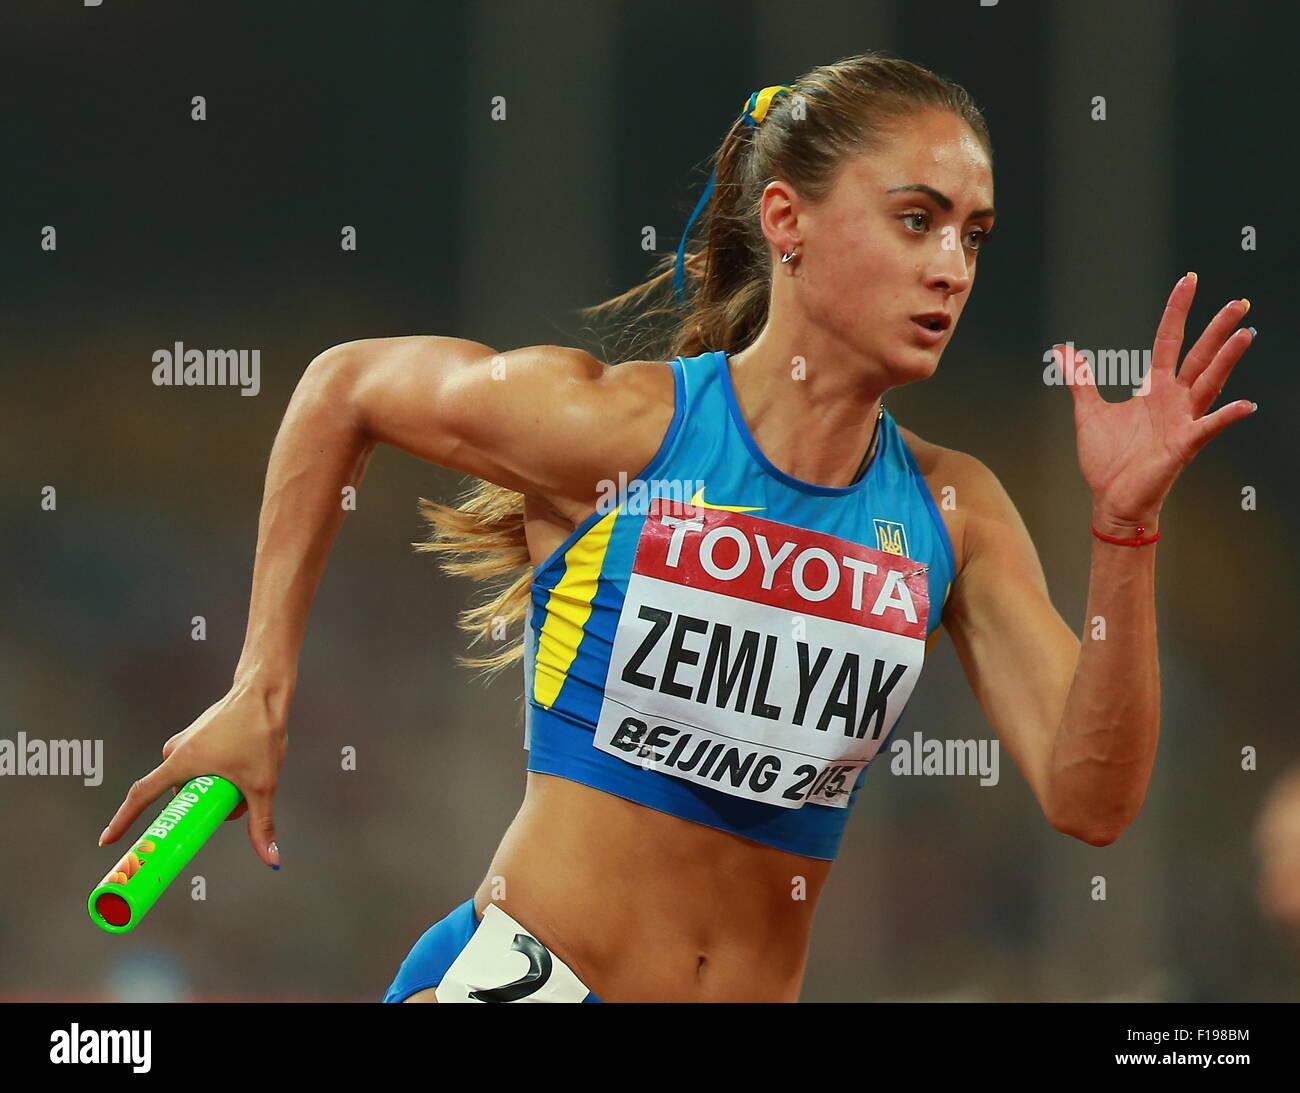 PEKING, CHINA. 30. AUGUST 2015. Ukrainische Olha Zemlyak konkurriert mit den Frauen 4x400m Staffel Finale am 9. Stockbild